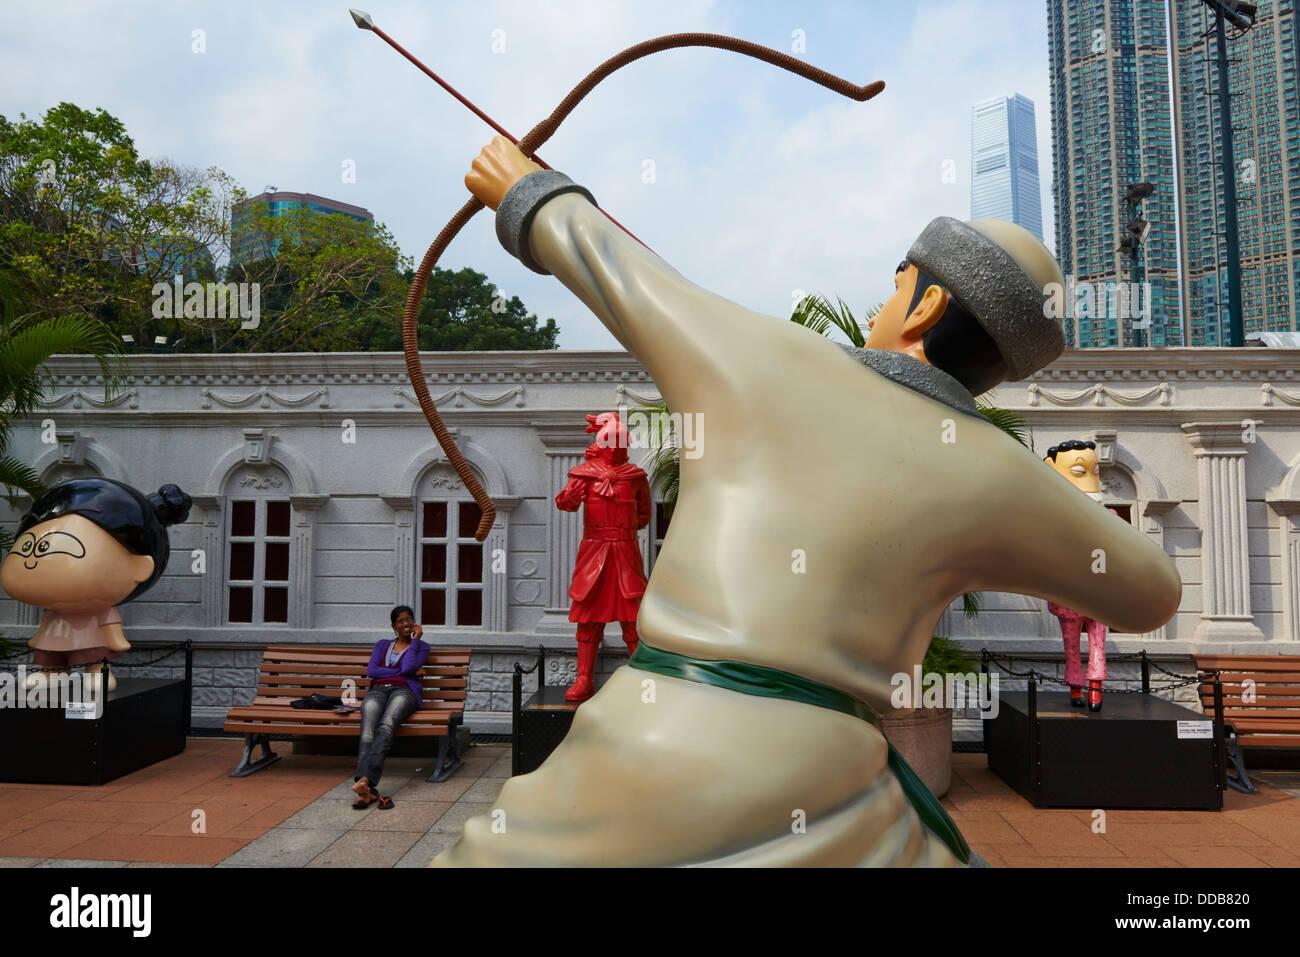 China, Hong Kong, Kowloon, Kowloon Park - Stock Image